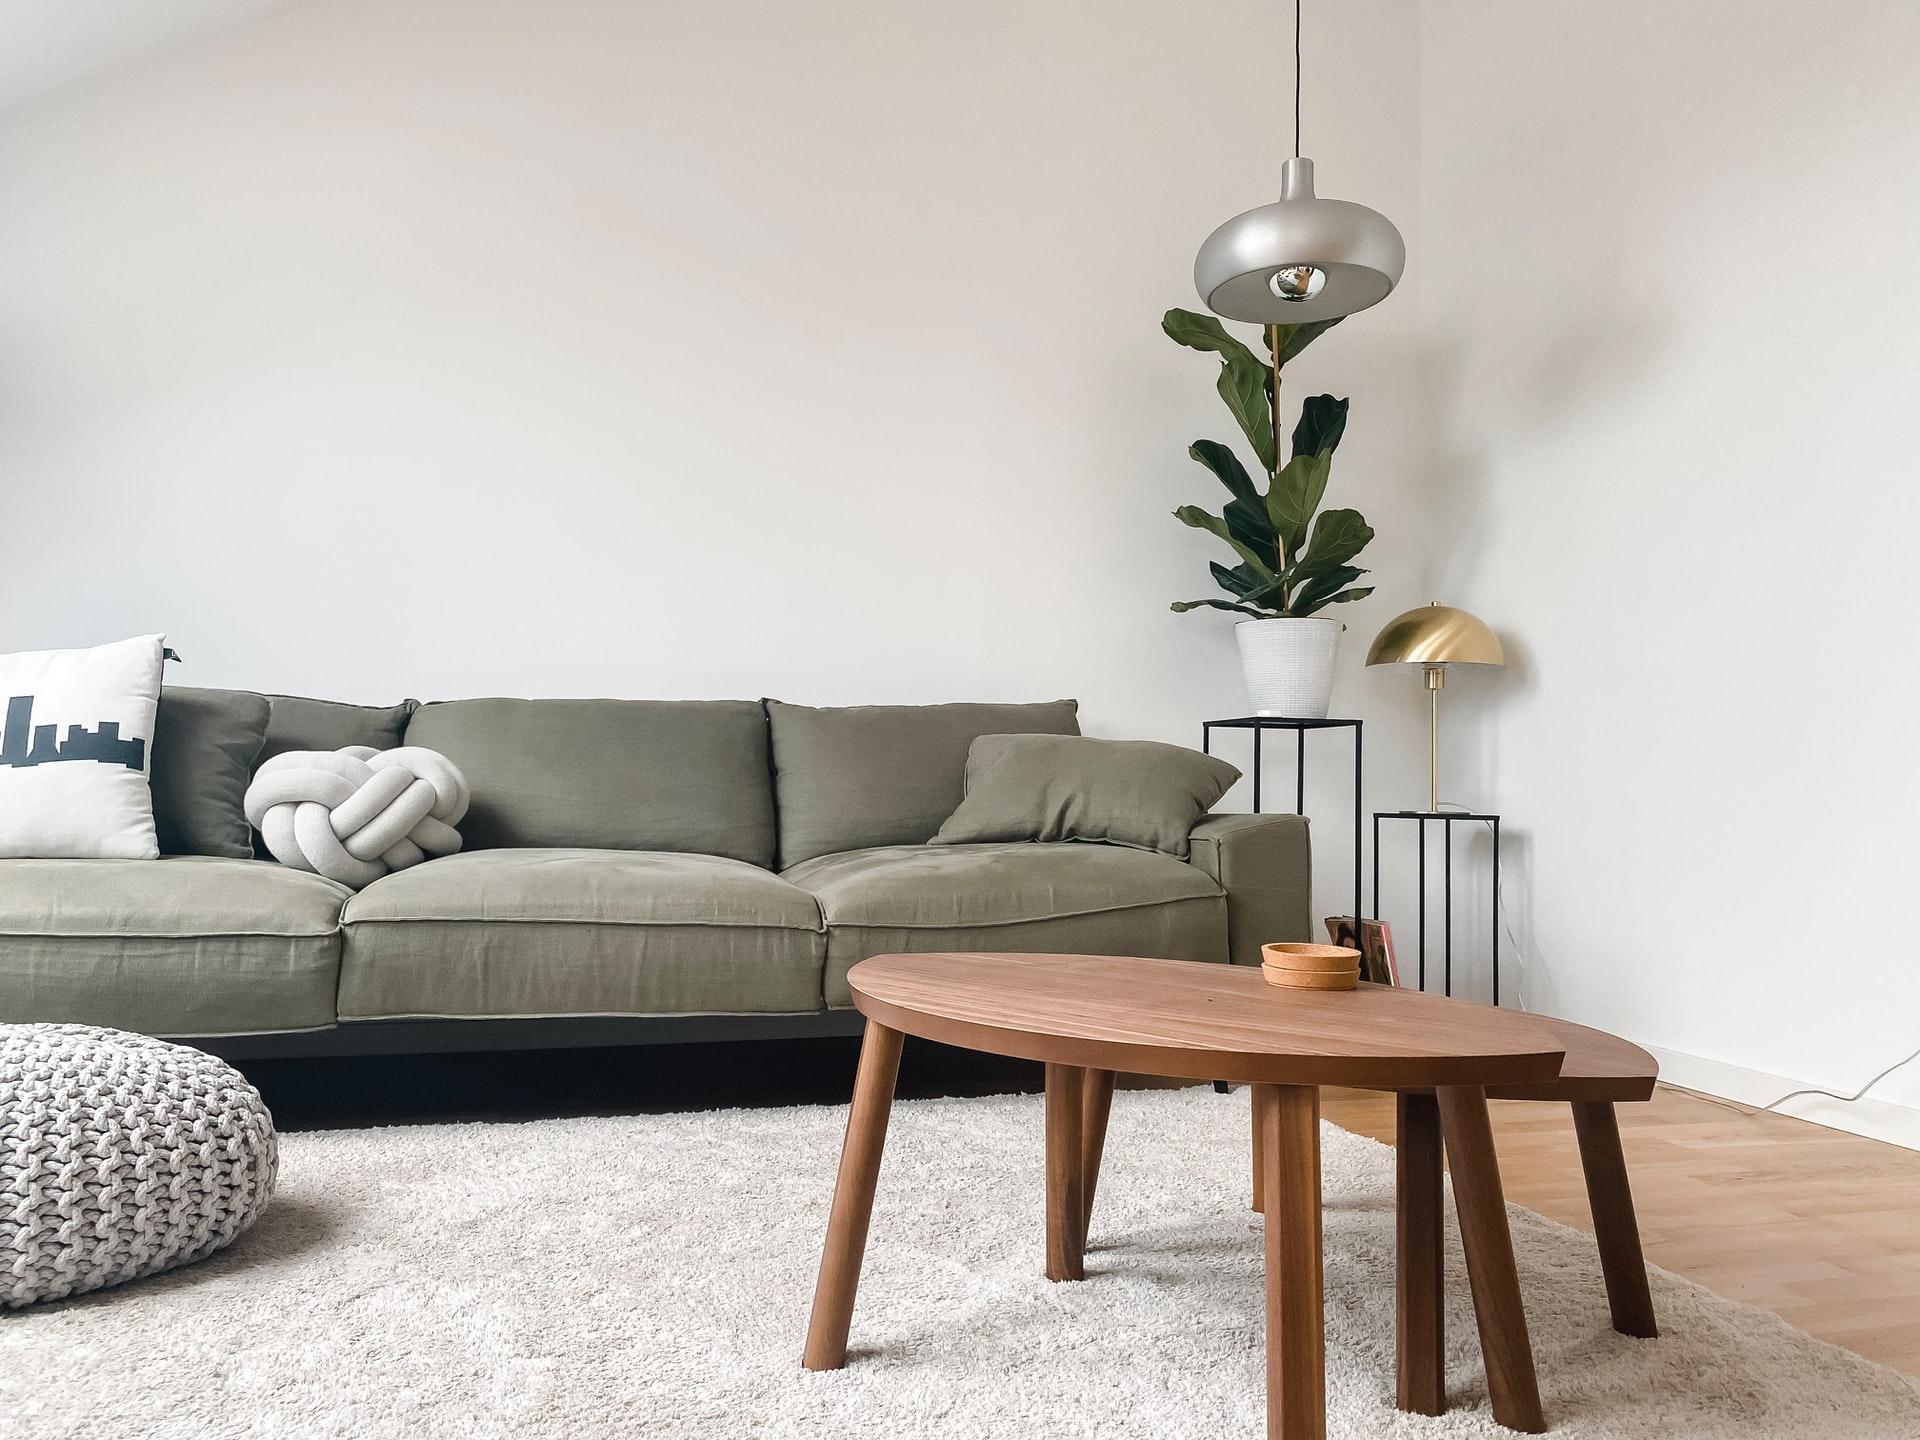 Schlichte Wohnzimmereinrichtung in grau gehalten, mit Holztisch